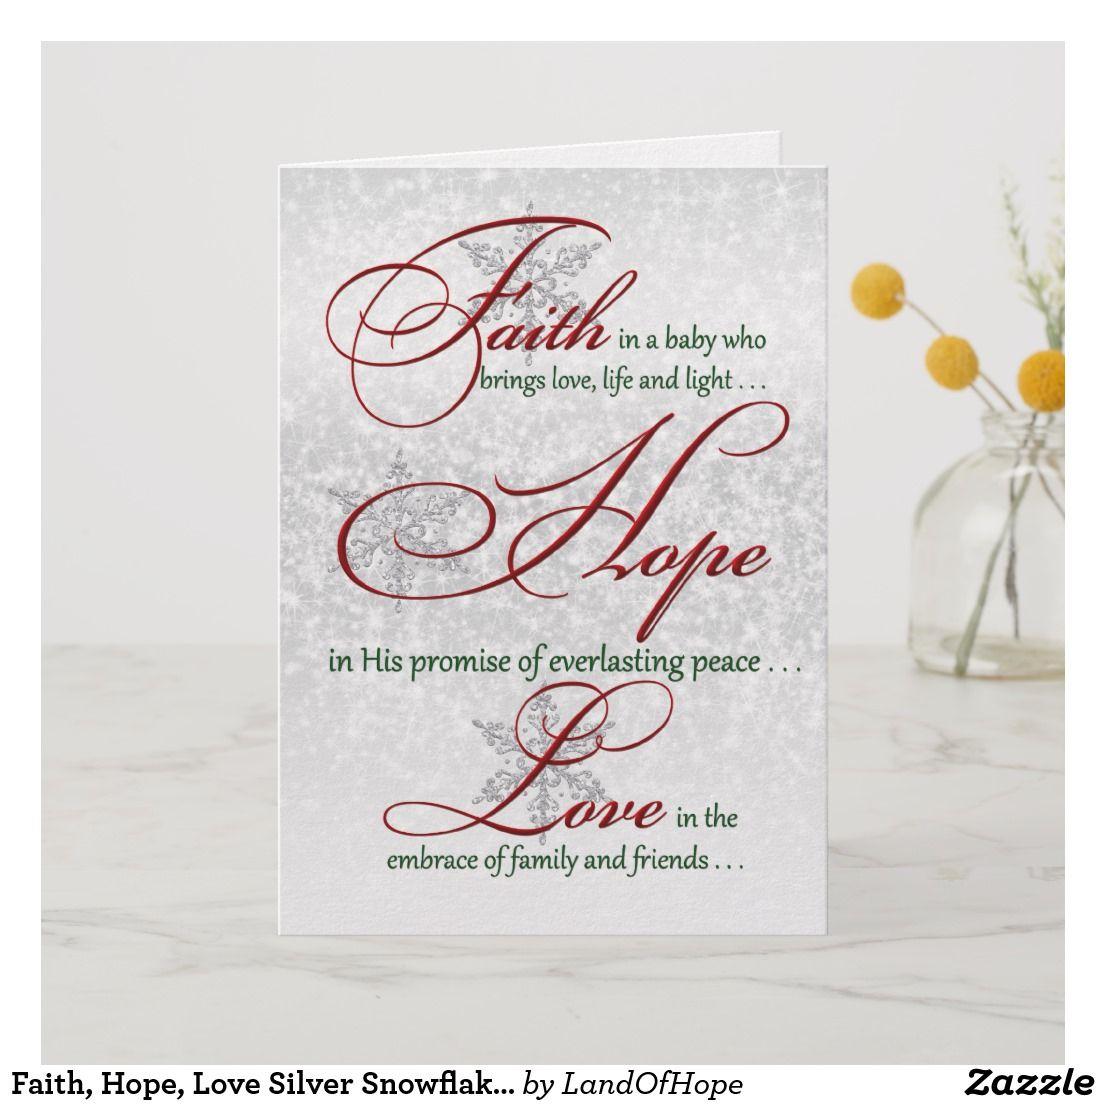 Faith, Hope, Love Silver Snowflakes Christmas Card